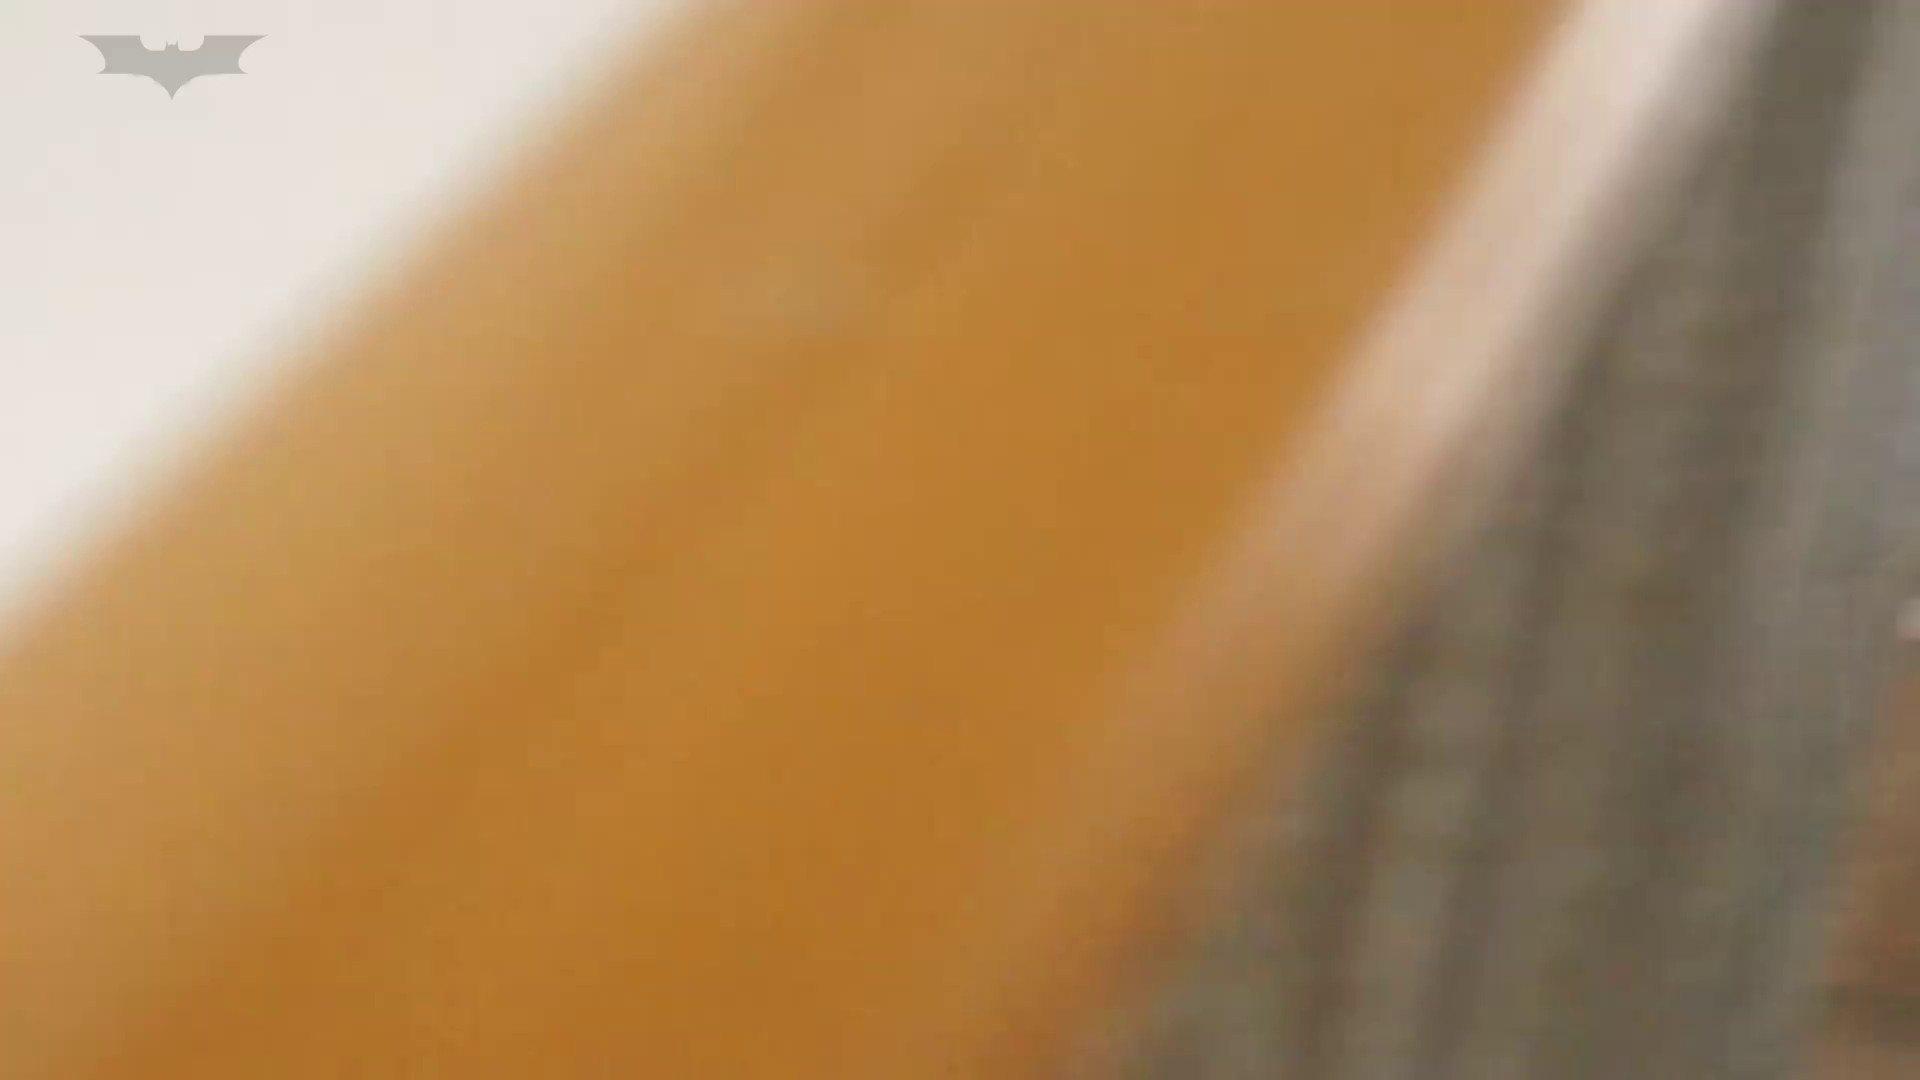 JD盗撮 美女の洗面所の秘密 Vol.20 美女 おまんこ動画流出 94連発 43